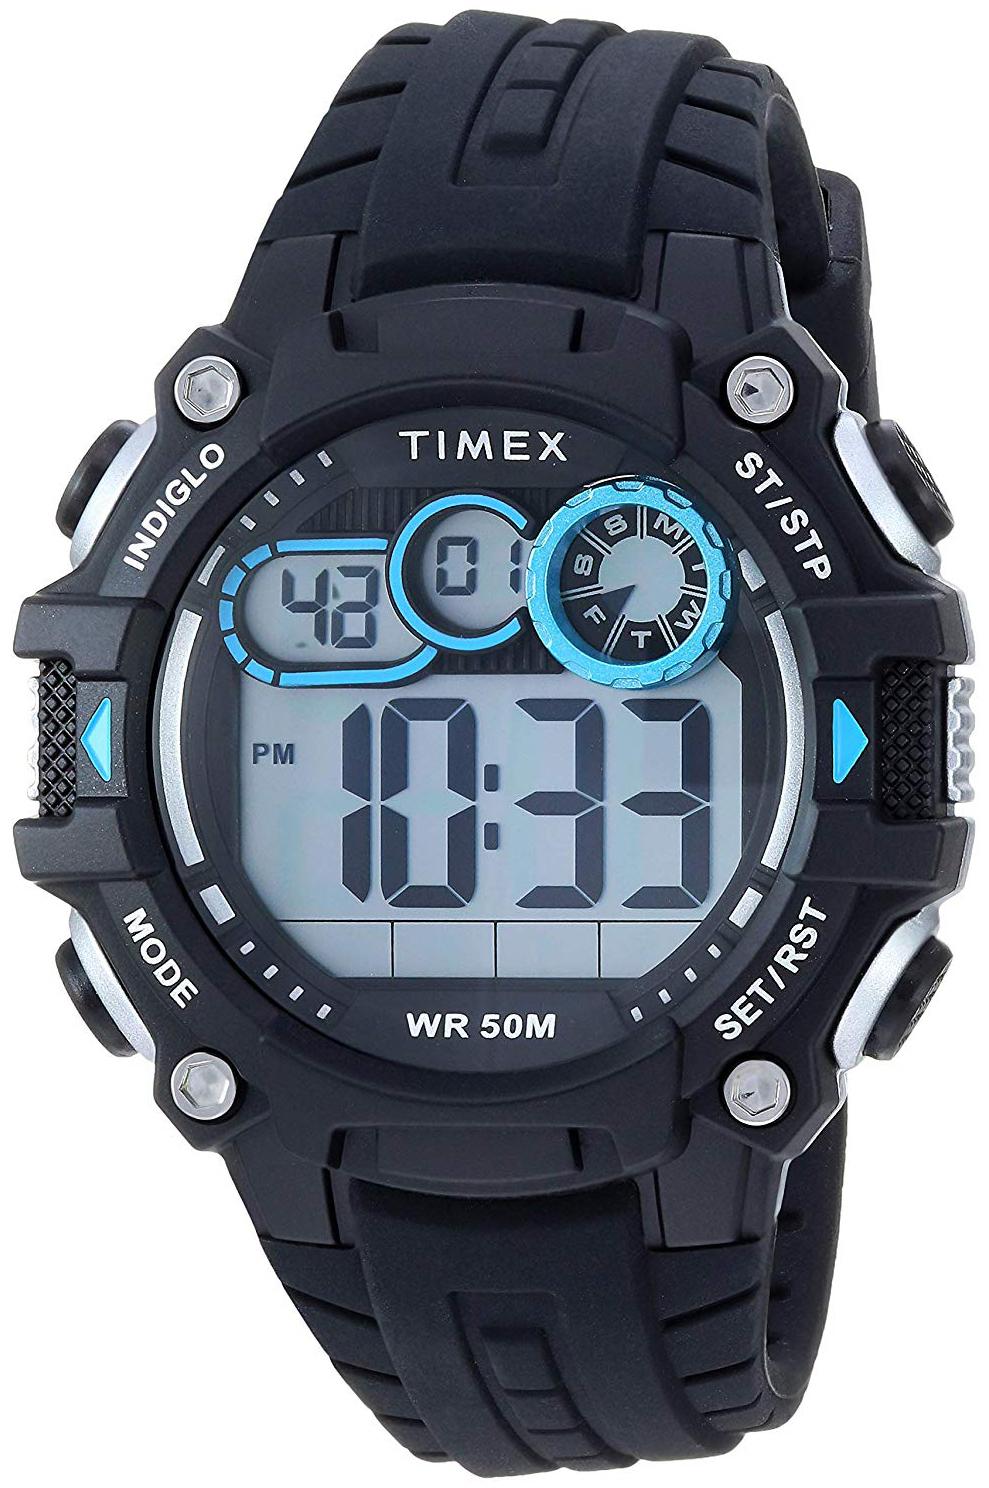 Timex 99999 Herreklokke TW5M27300 LCD/Resinplast Ø48 mm - Timex